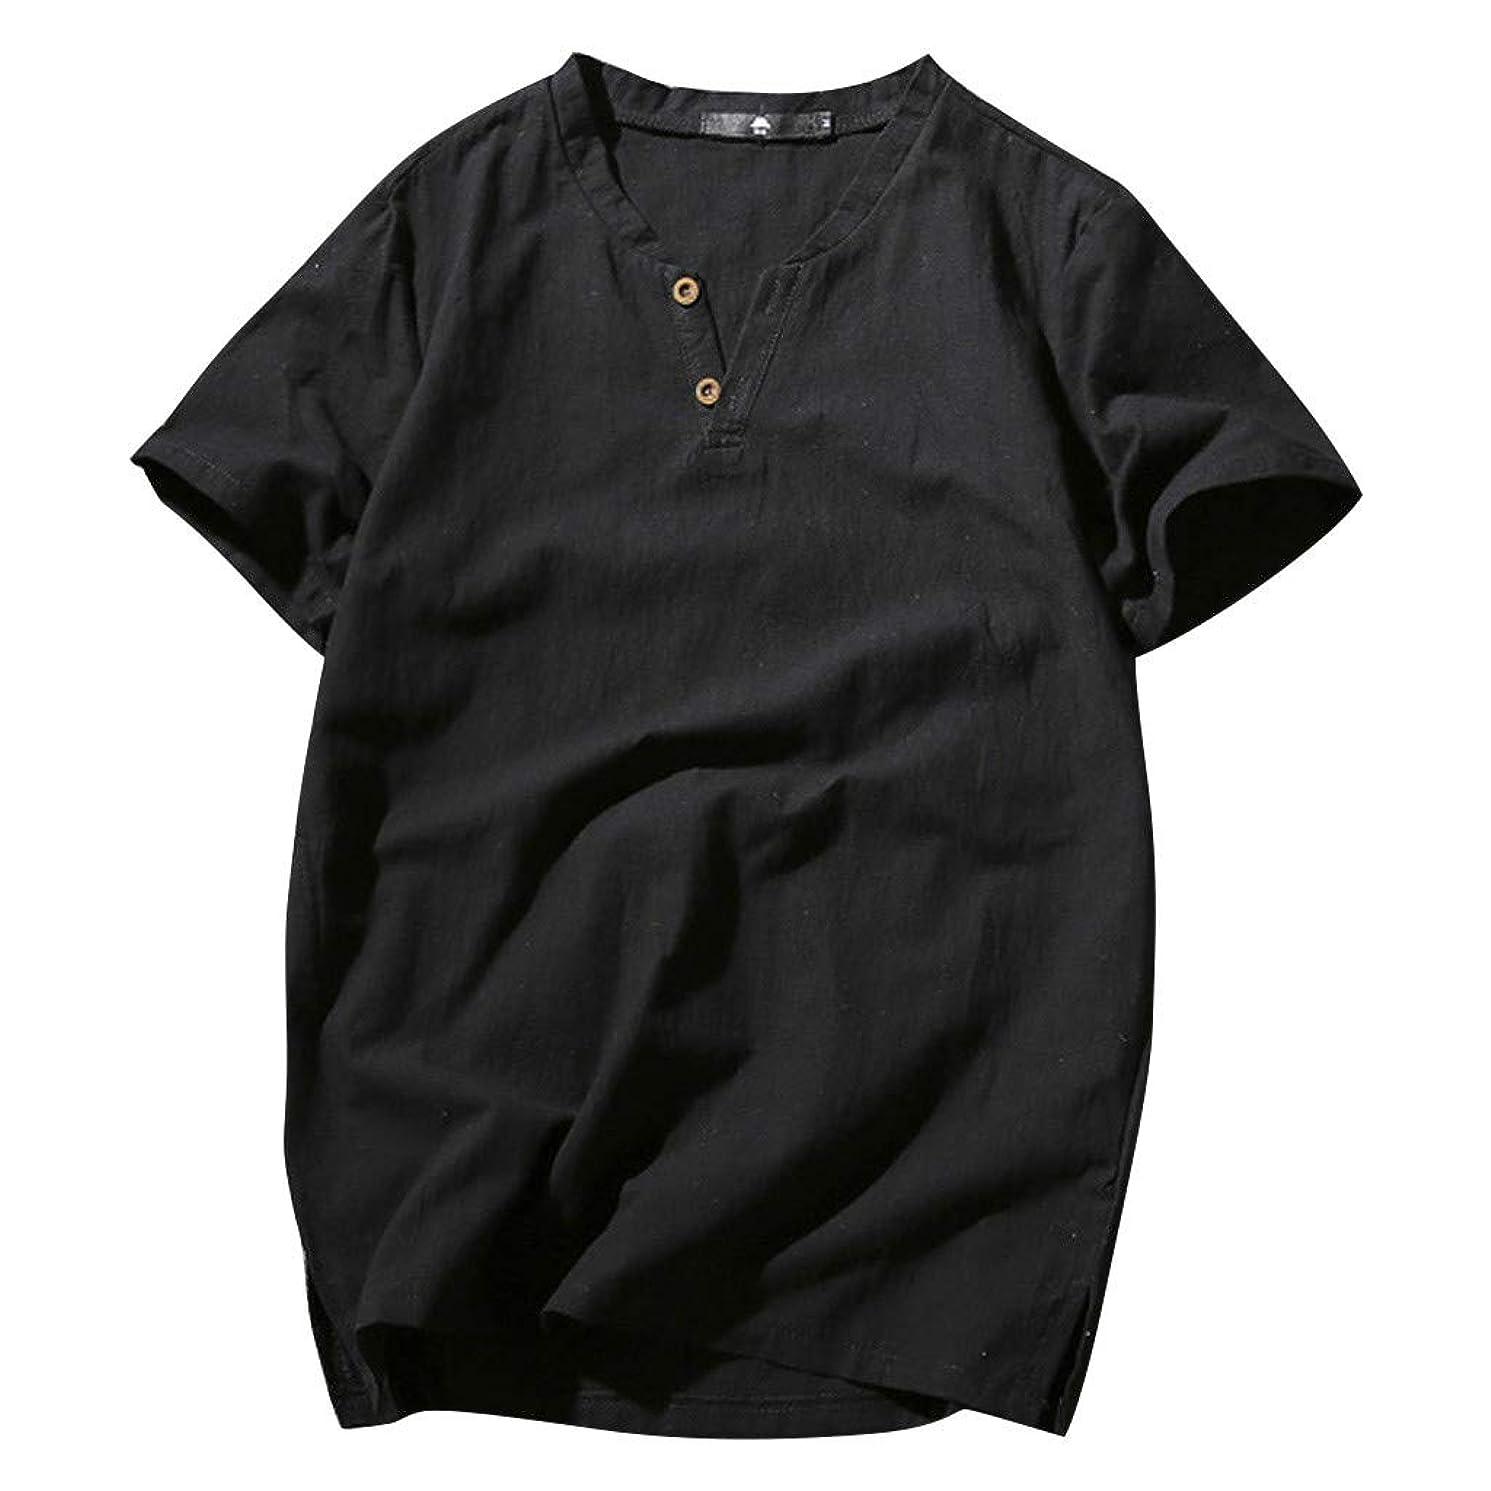 Mens Linen Shirts Tronet Men's Summer New Cotton-Linen Short-Sleeved Top Fashionable Pure Cotton Hemp Top